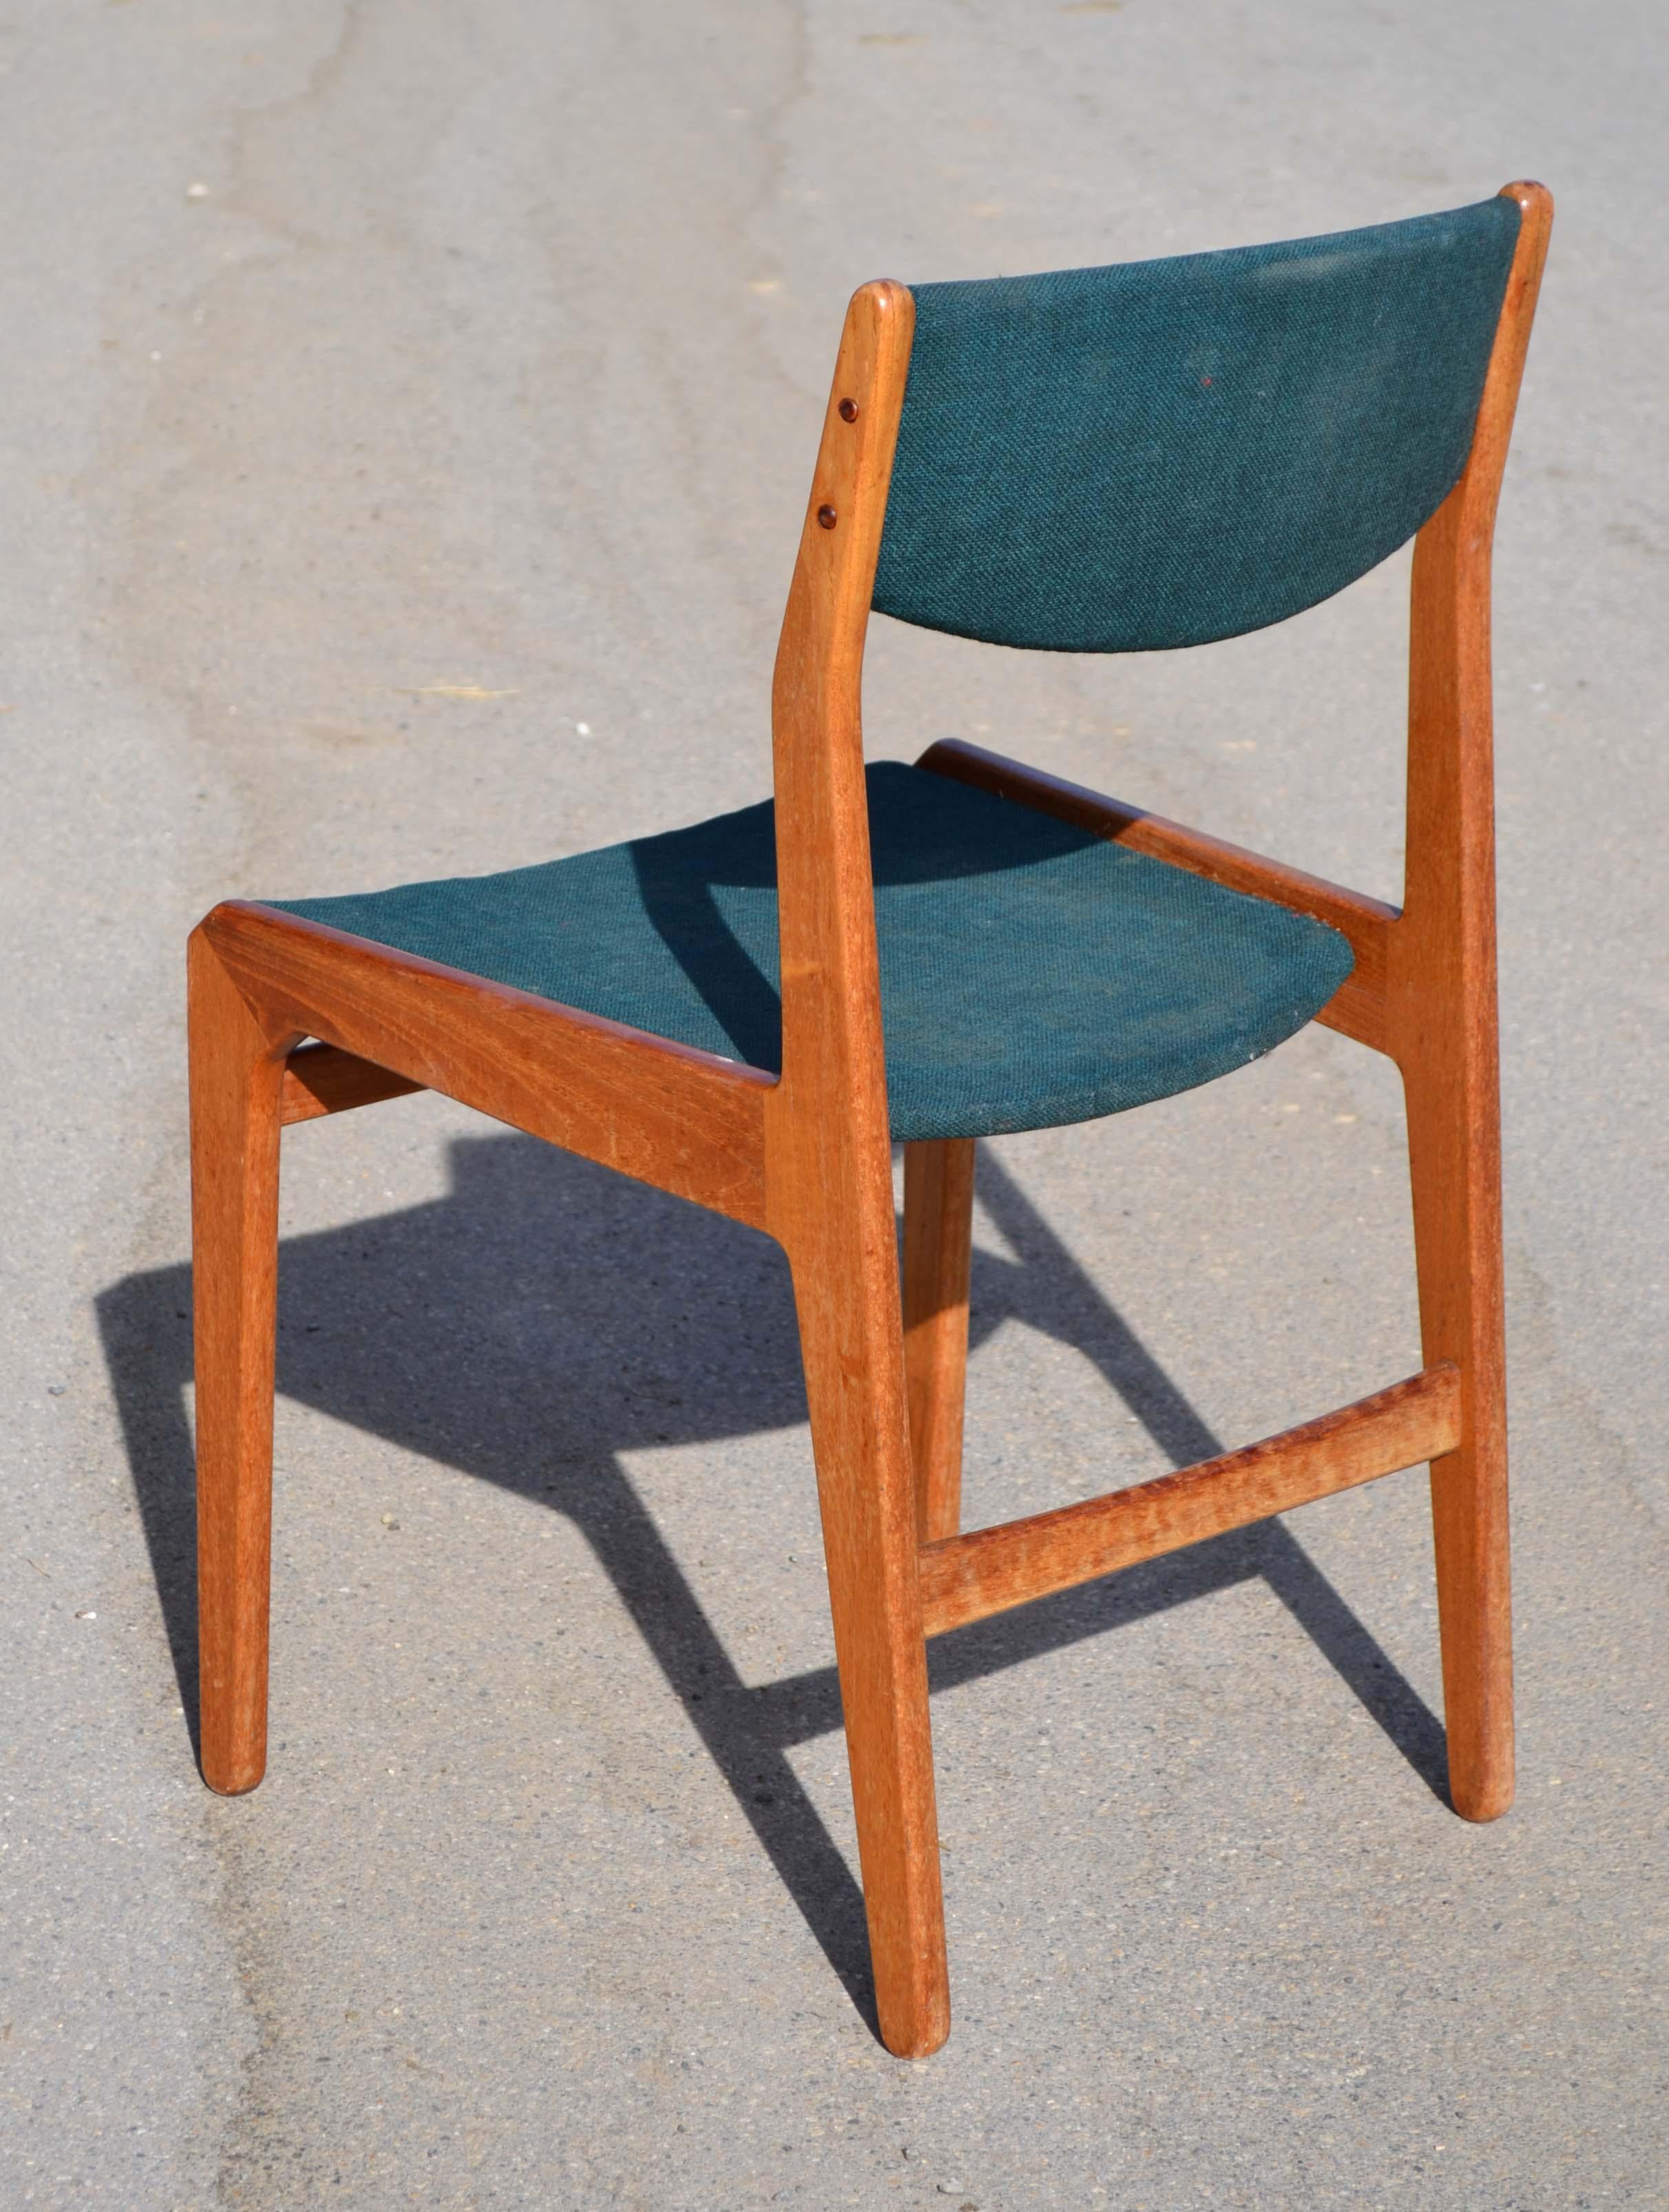 mobilier design vintage scandinave chaises et meubles en teck des ann es 1950 70 design nordique. Black Bedroom Furniture Sets. Home Design Ideas